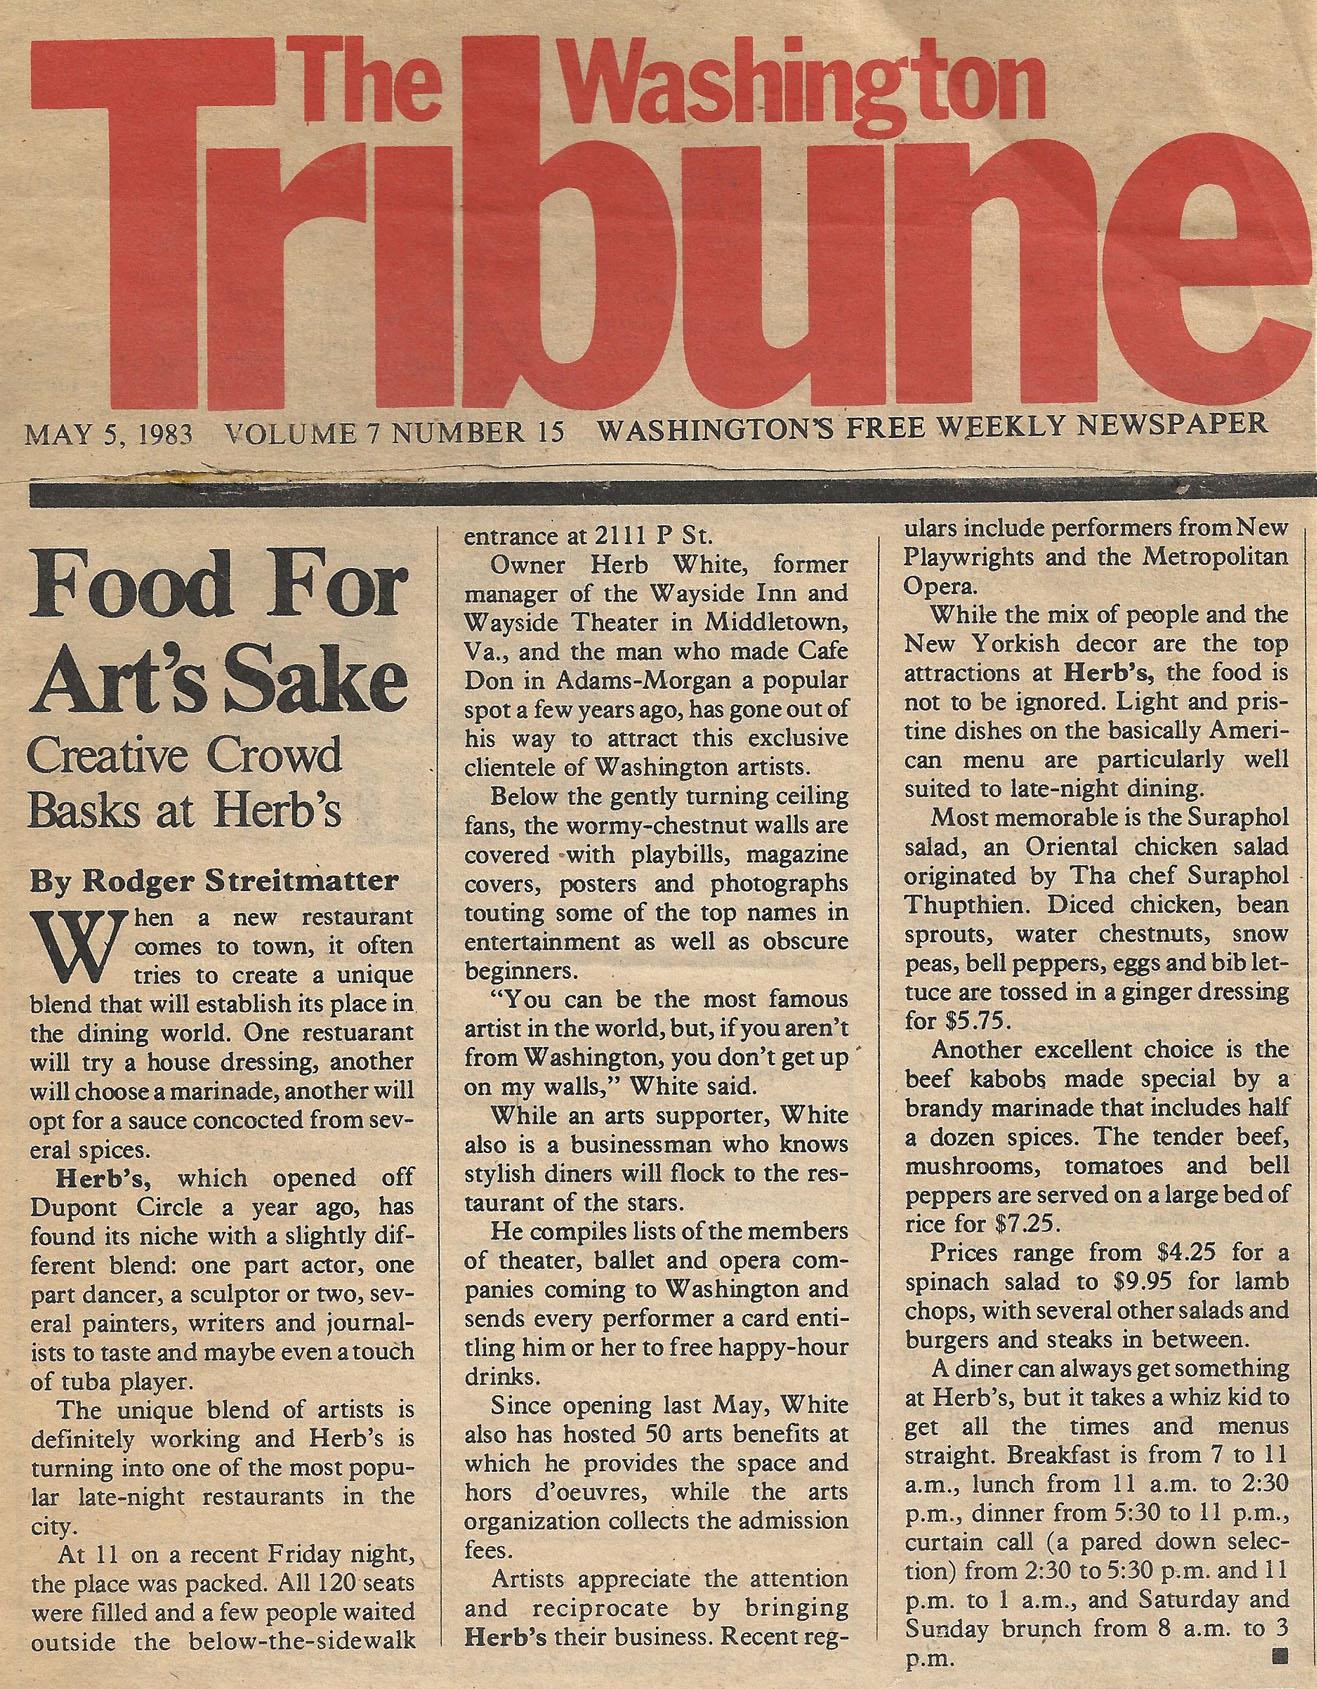 The Washington Tribune